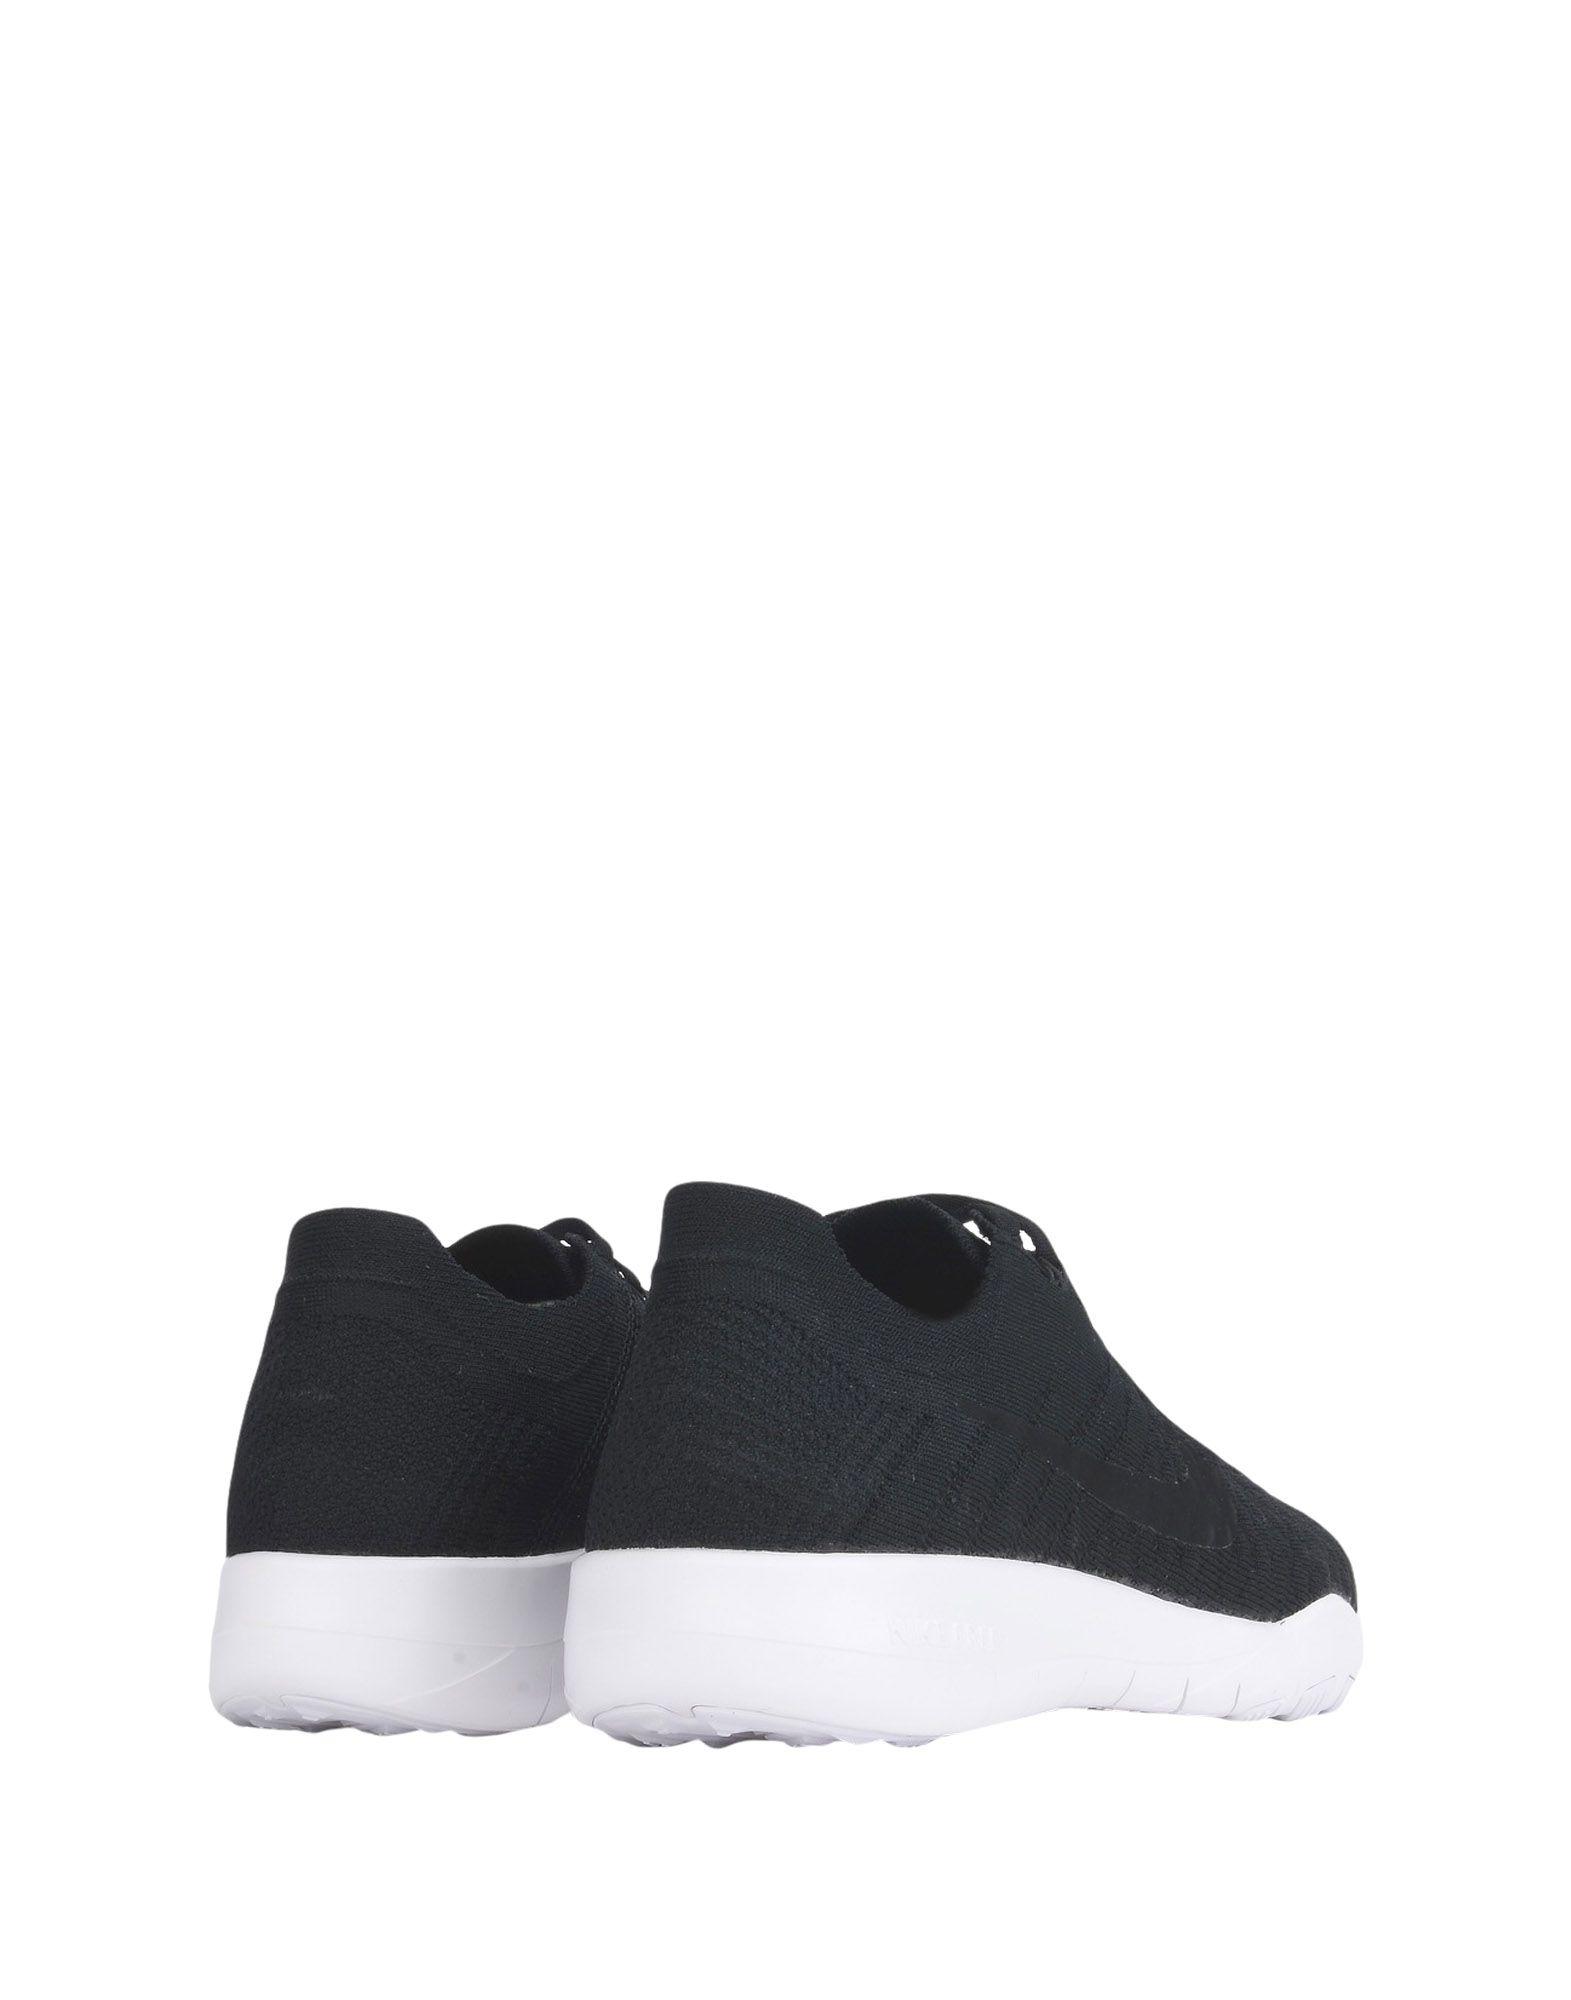 Sneakers Nike   Free Tr Flyknit 2 - Femme - Sneakers Nike sur